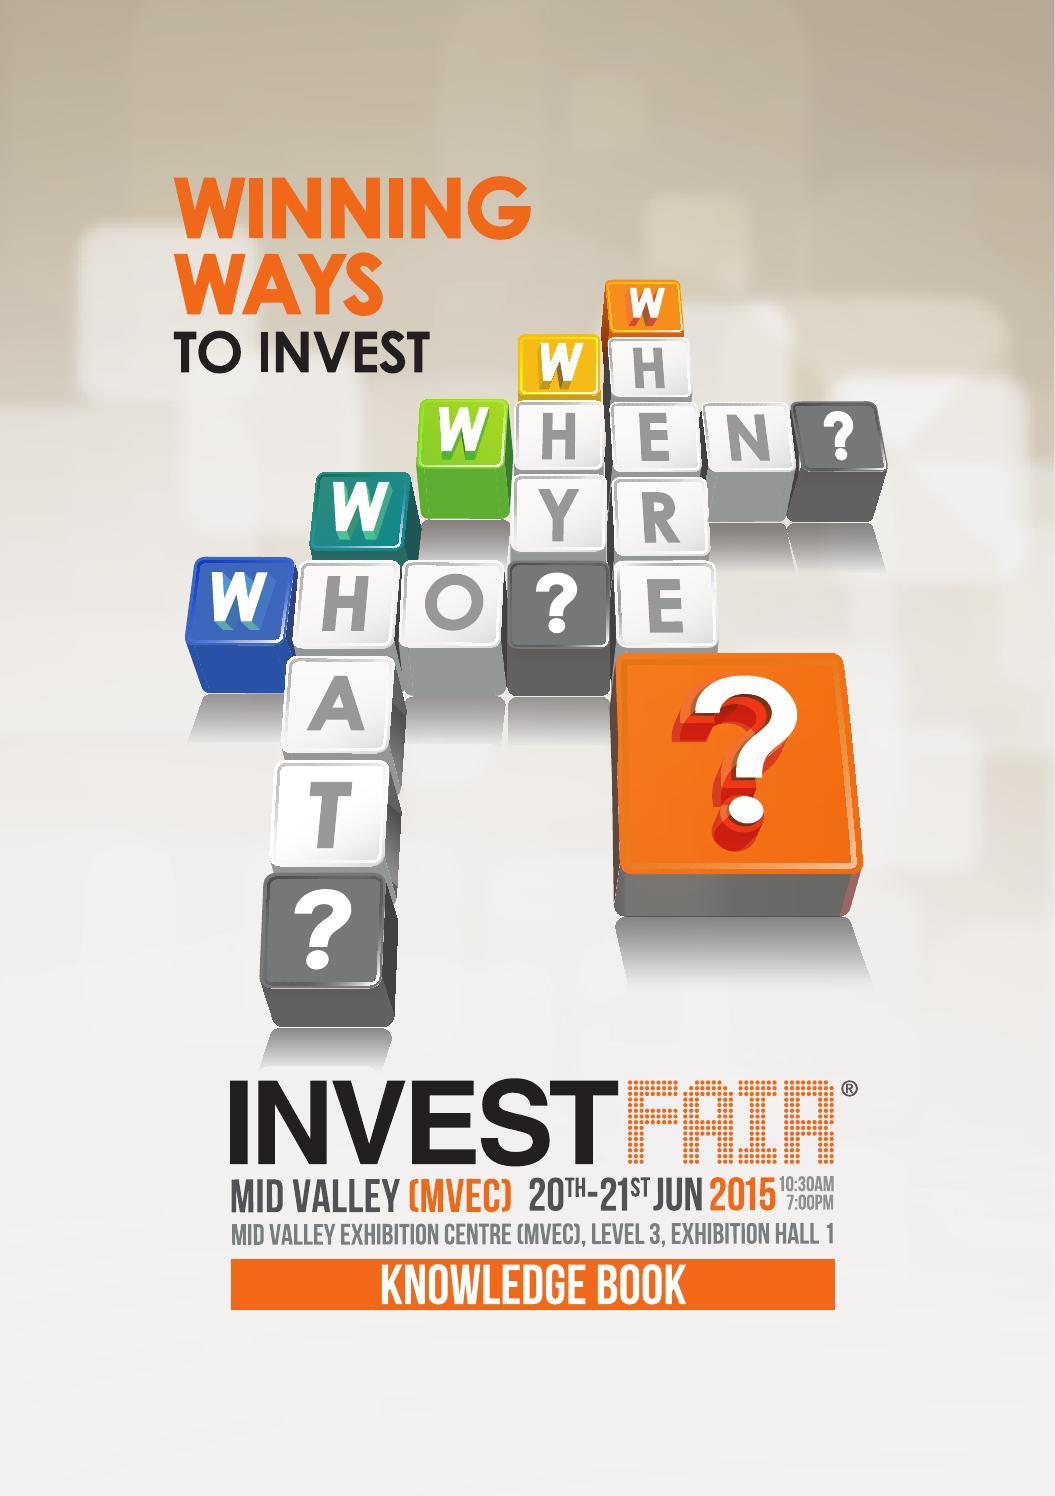 affin investment bank berhad affiliation define